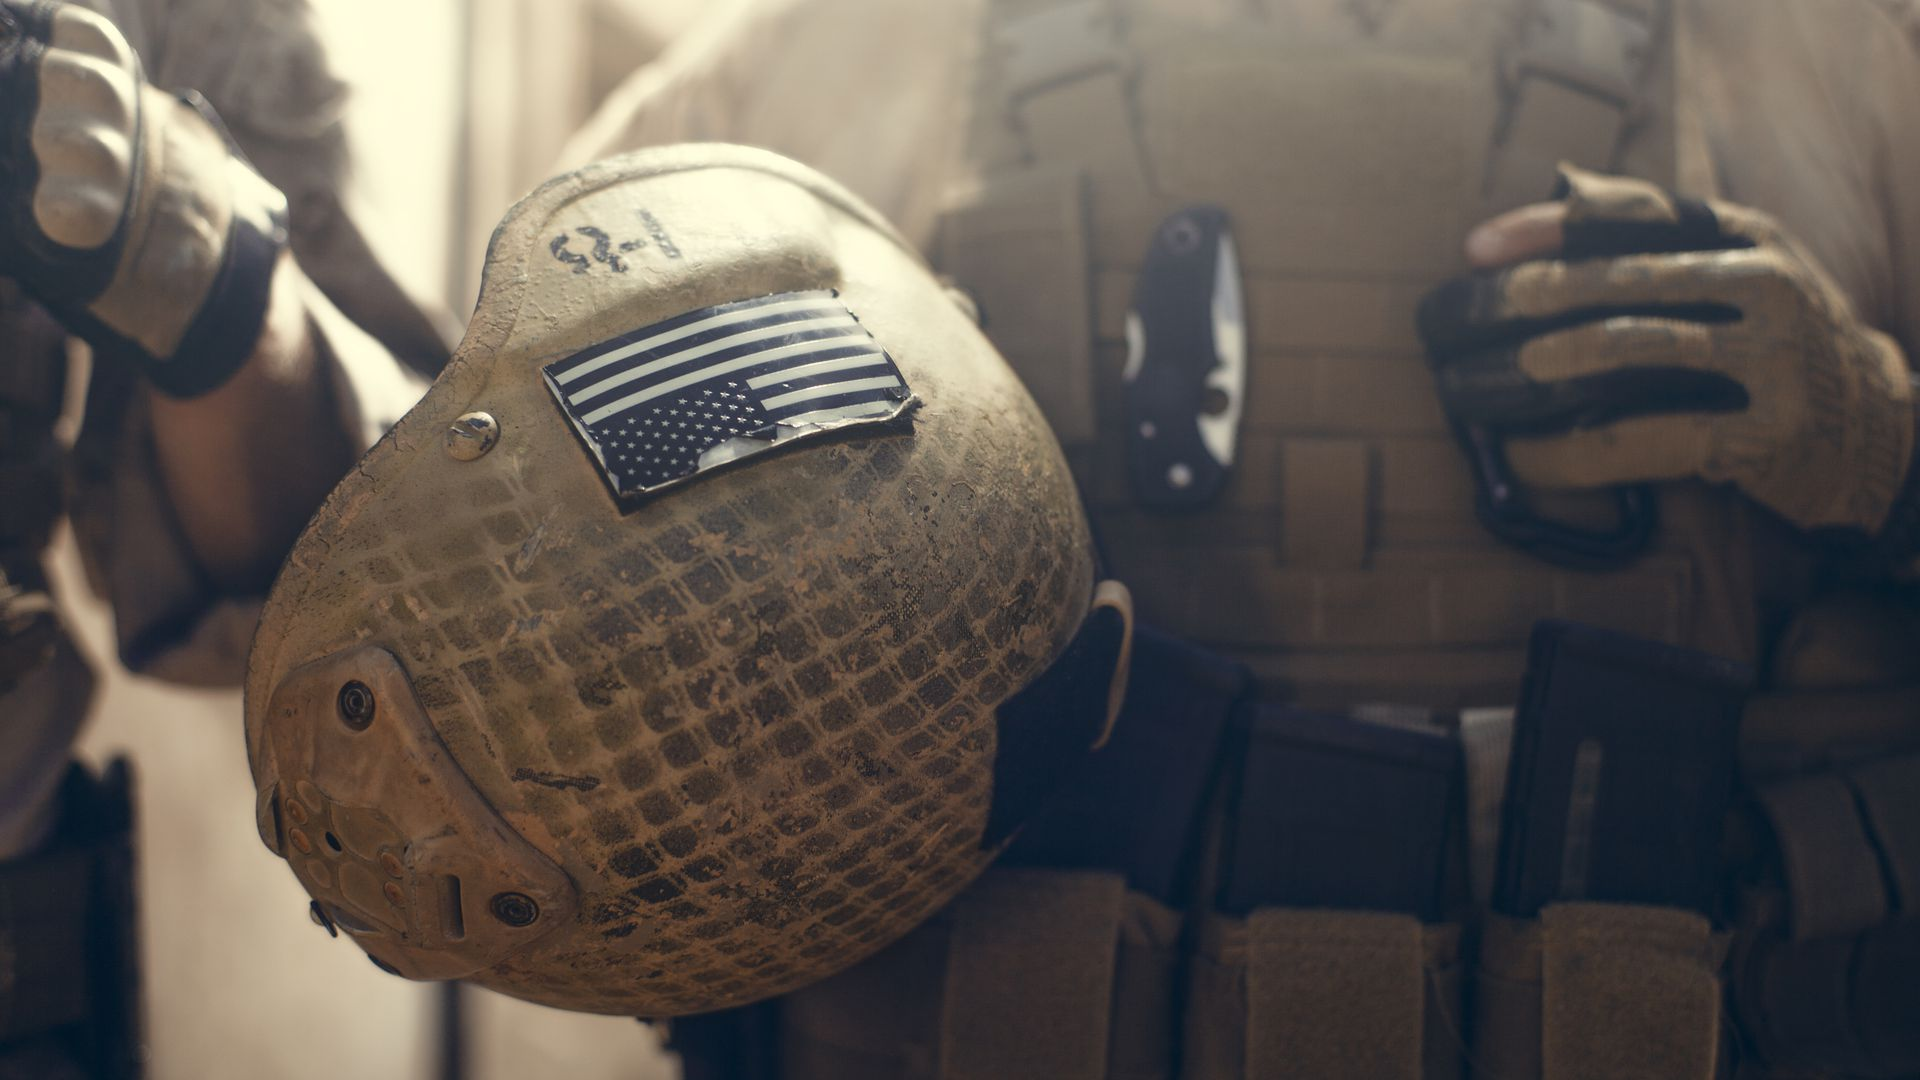 American soldier carrying their helmet